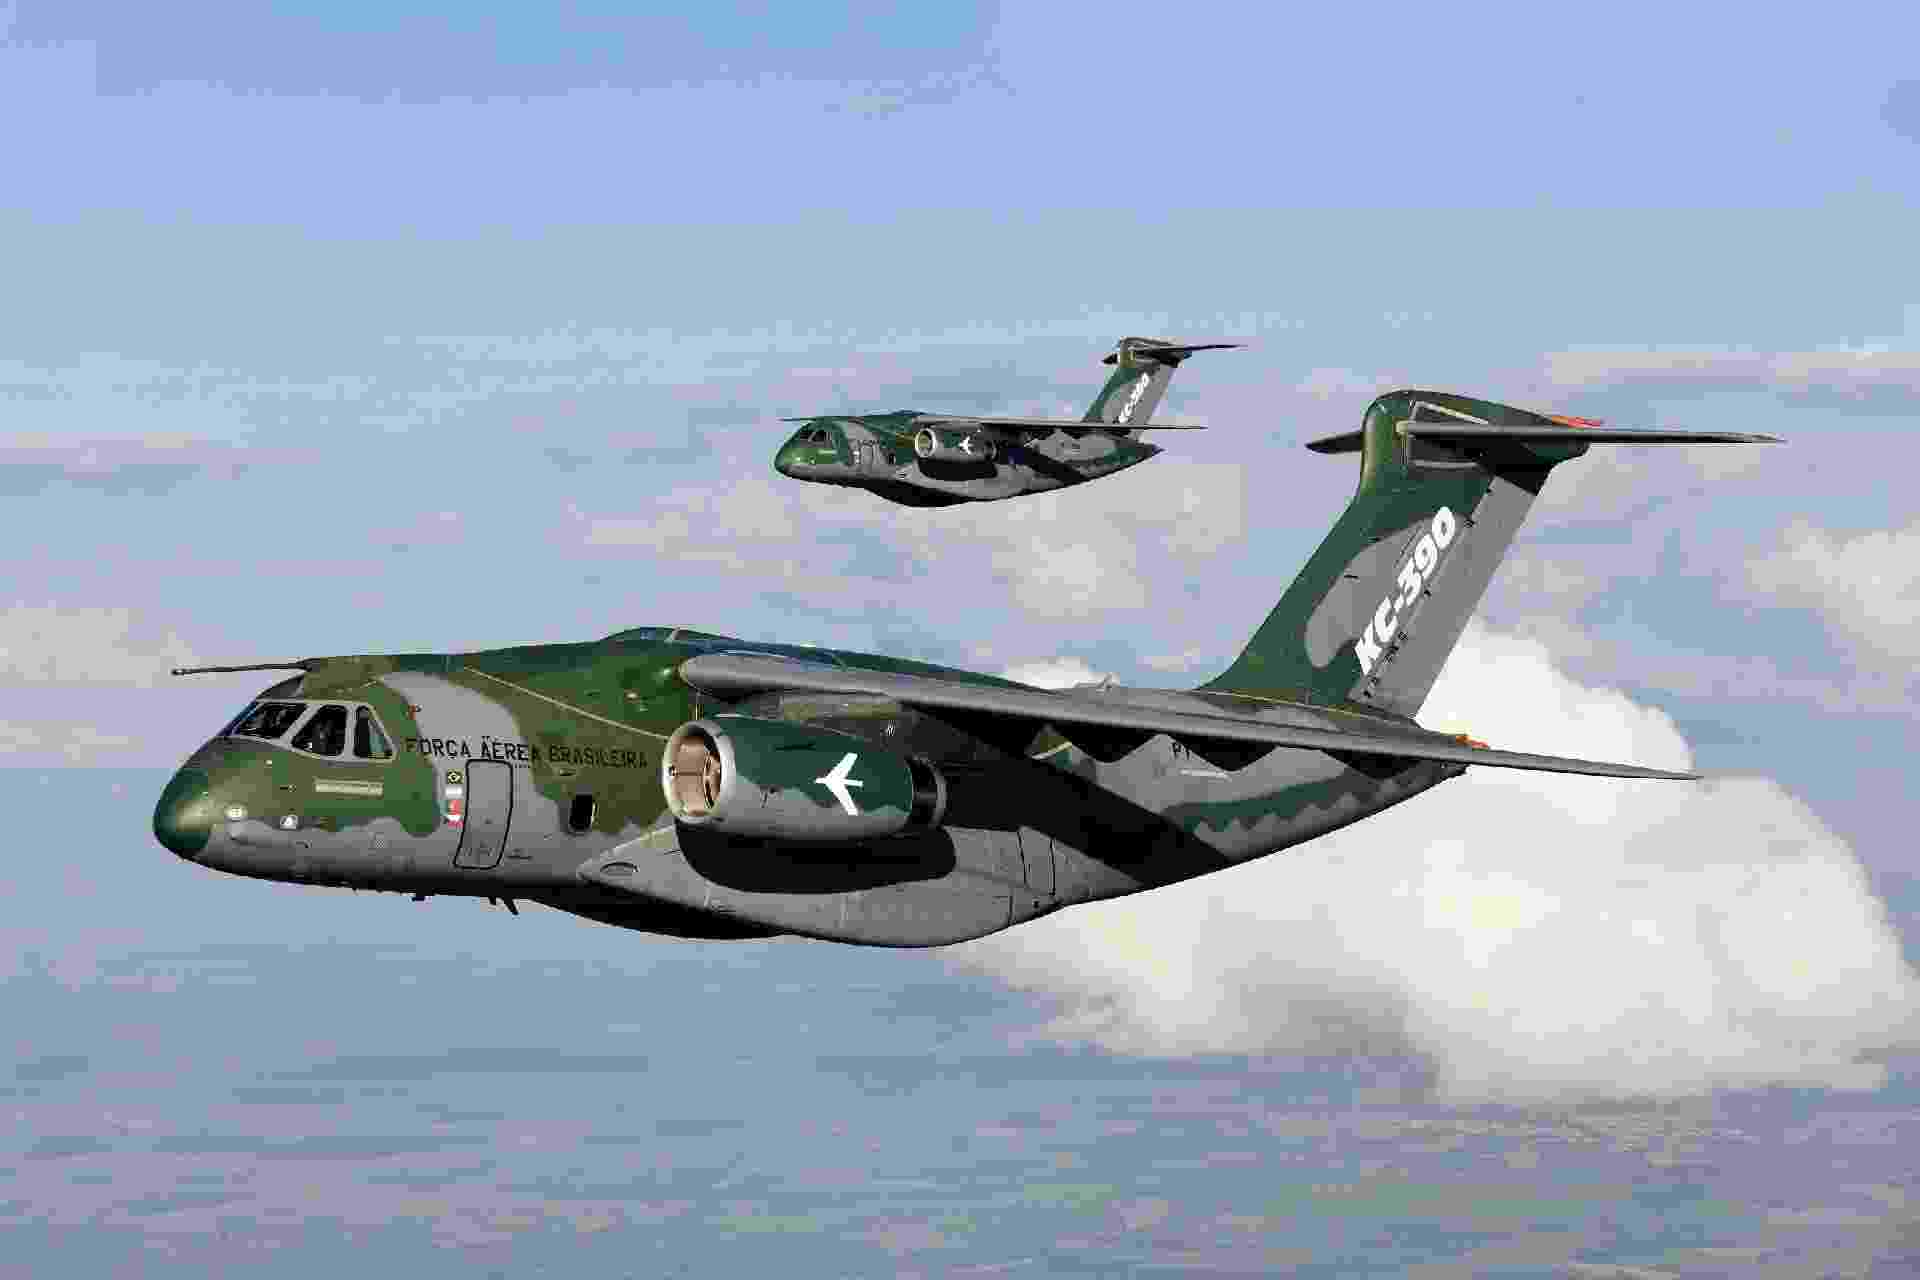 KC-390 é o novo cargueiro militar produzido pela Embraer - Divulgação